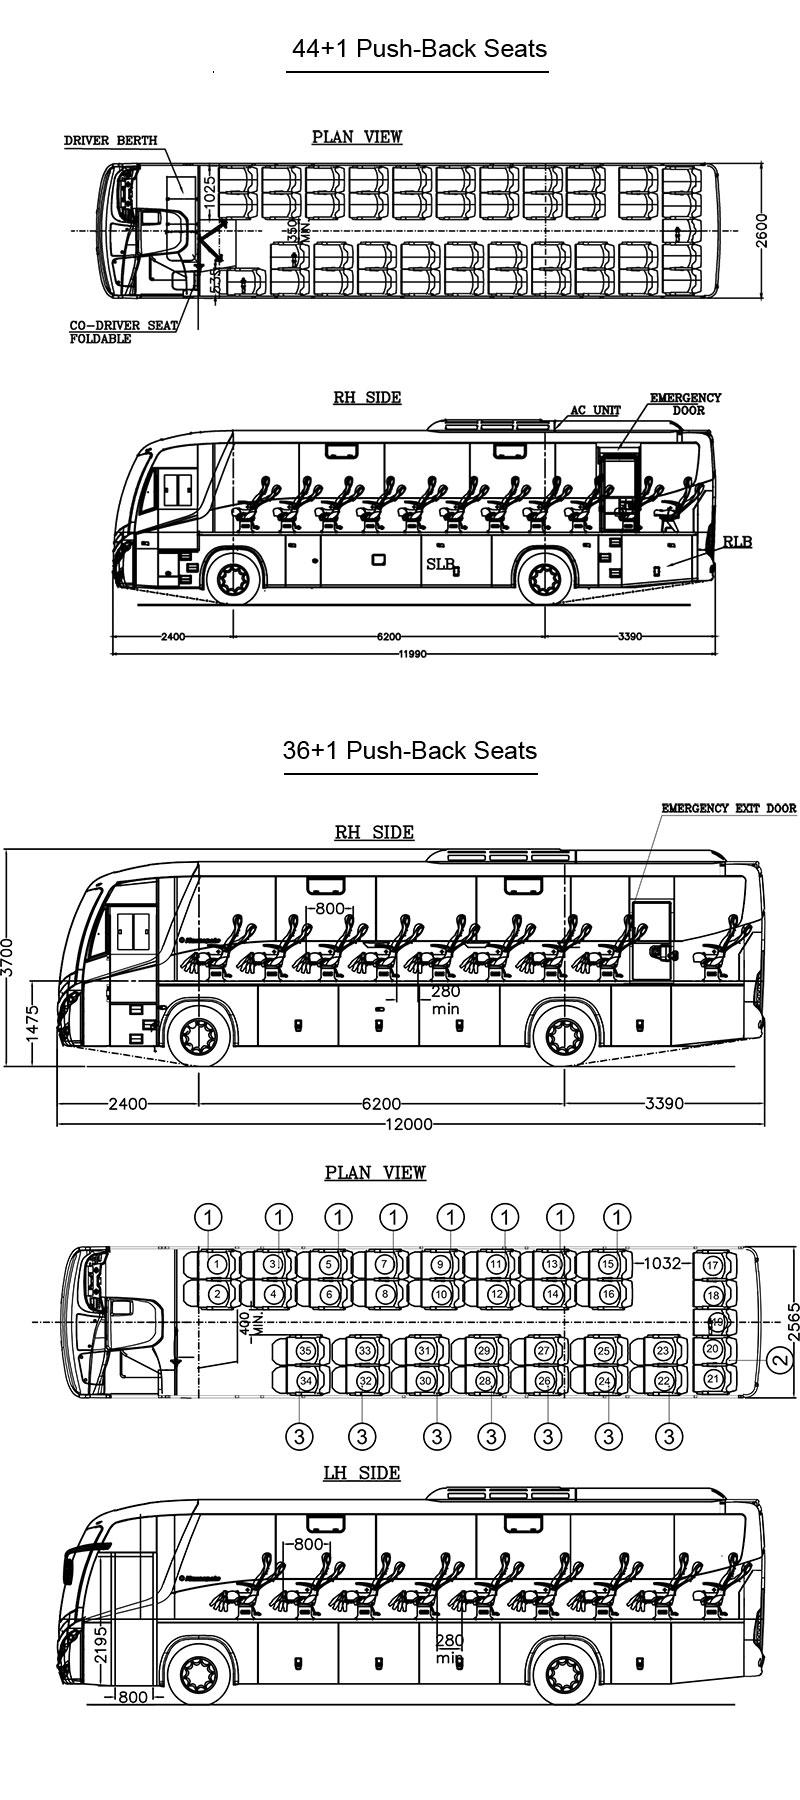 Tata Magna Bus Layout